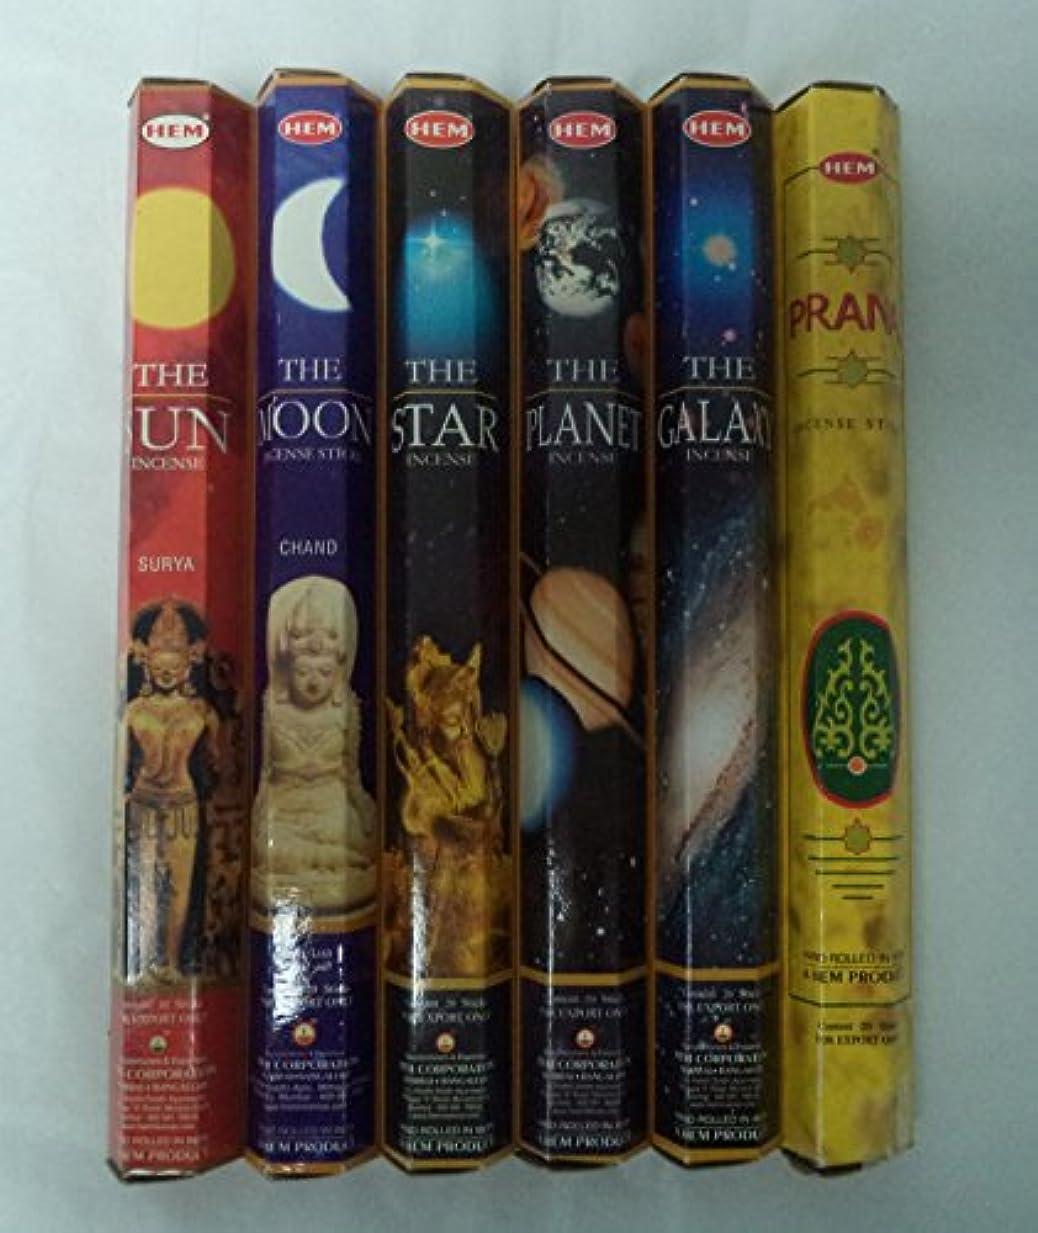 装備するレイ系統的裾Universe Incenseセット: Sun Moon Star Planet Galaxy Prana 6 x 20 = 120 Sticks